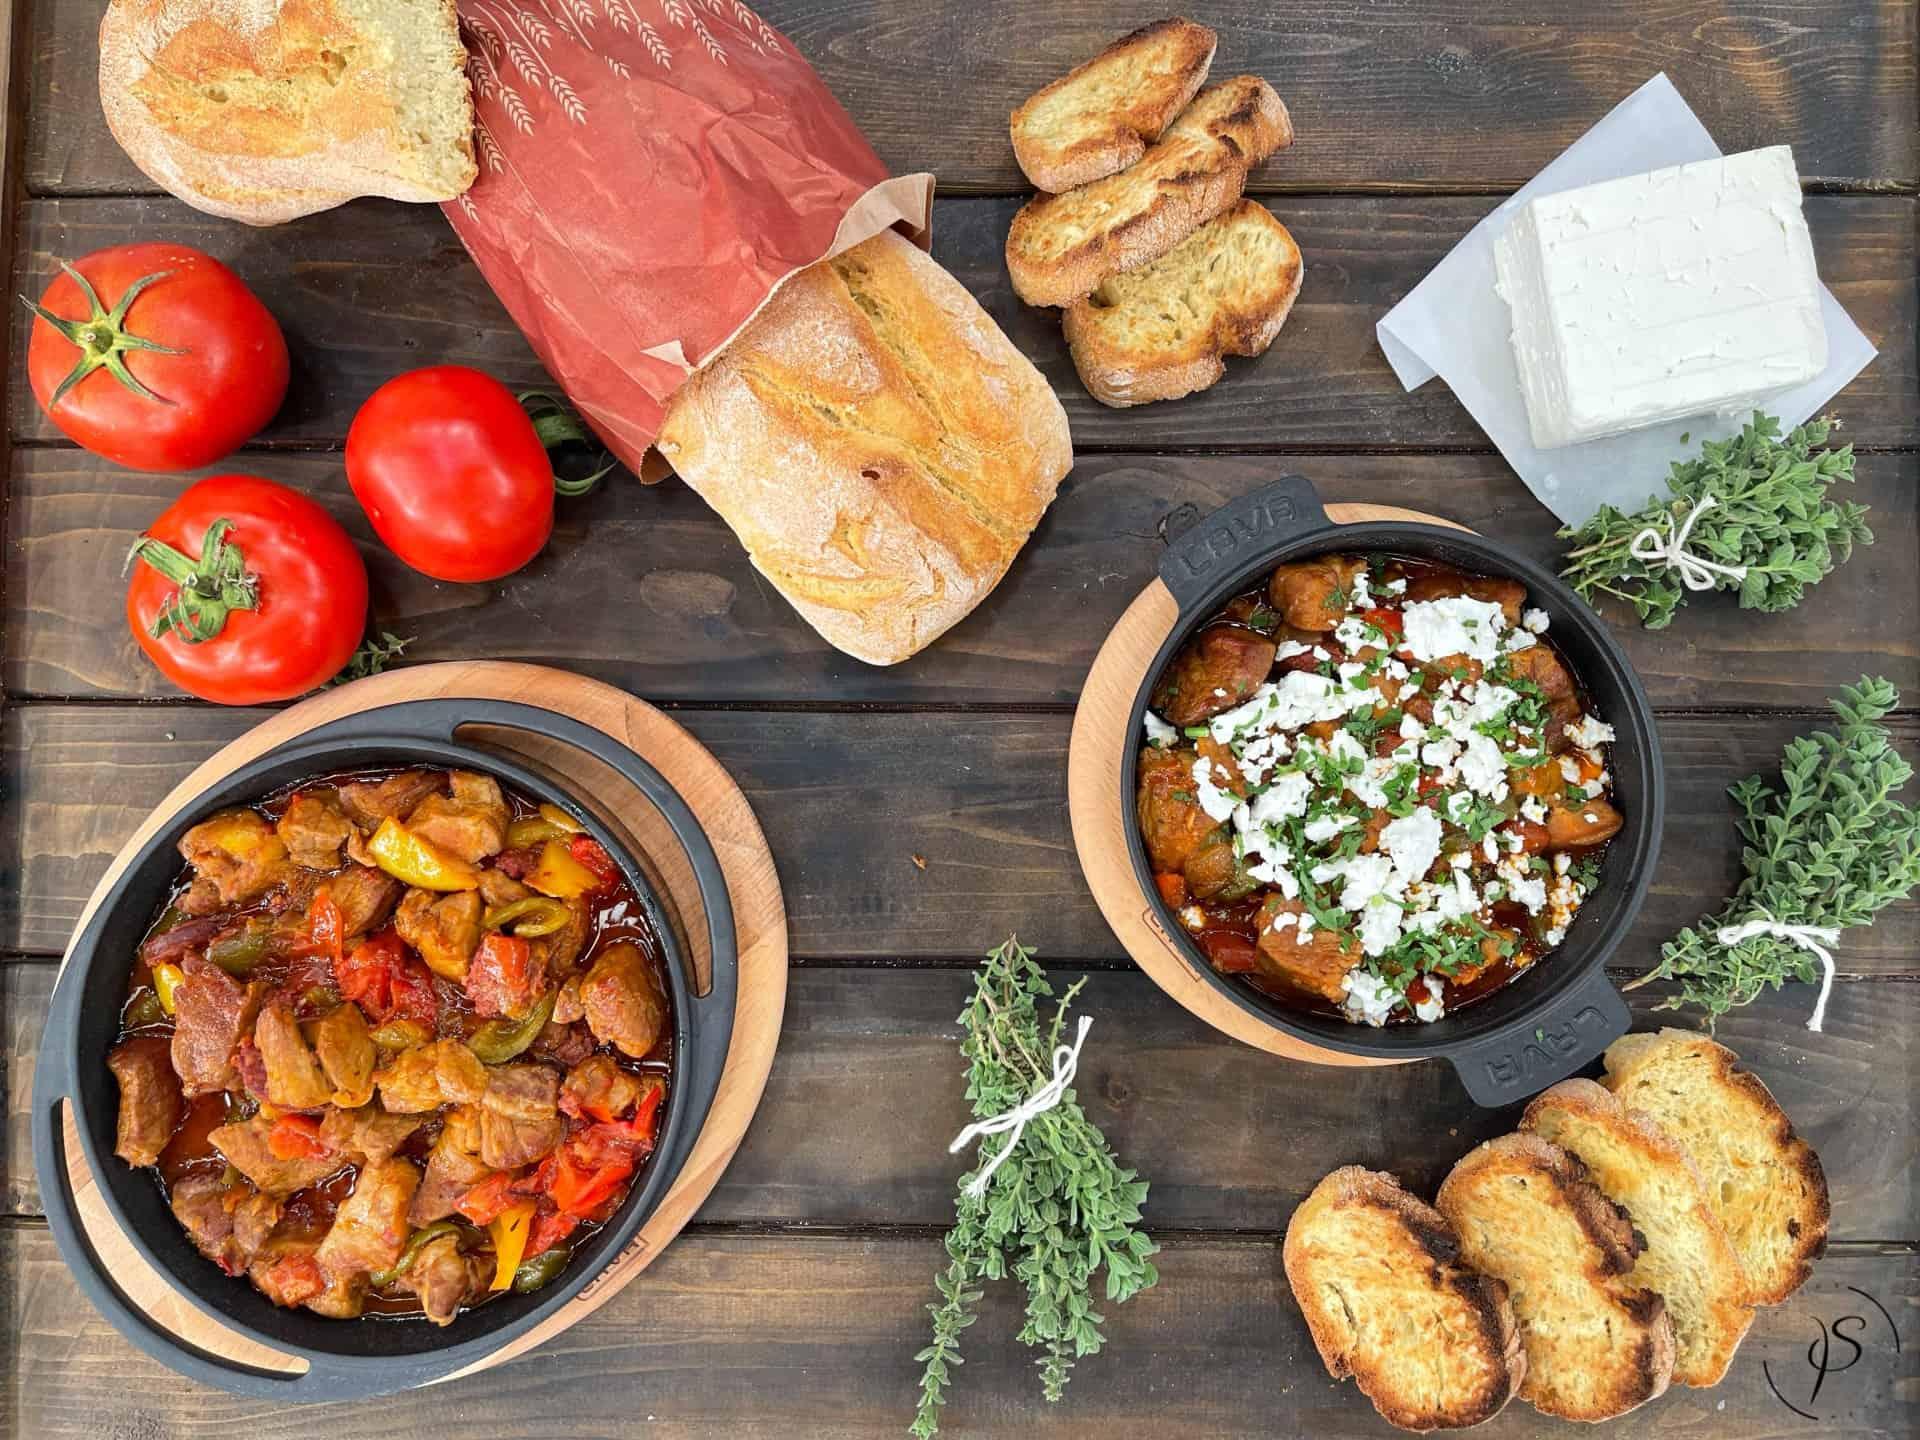 Μπεκρή μεζέ παραδοσιακό με χοιρινό και πικάντικο λουκάνικο